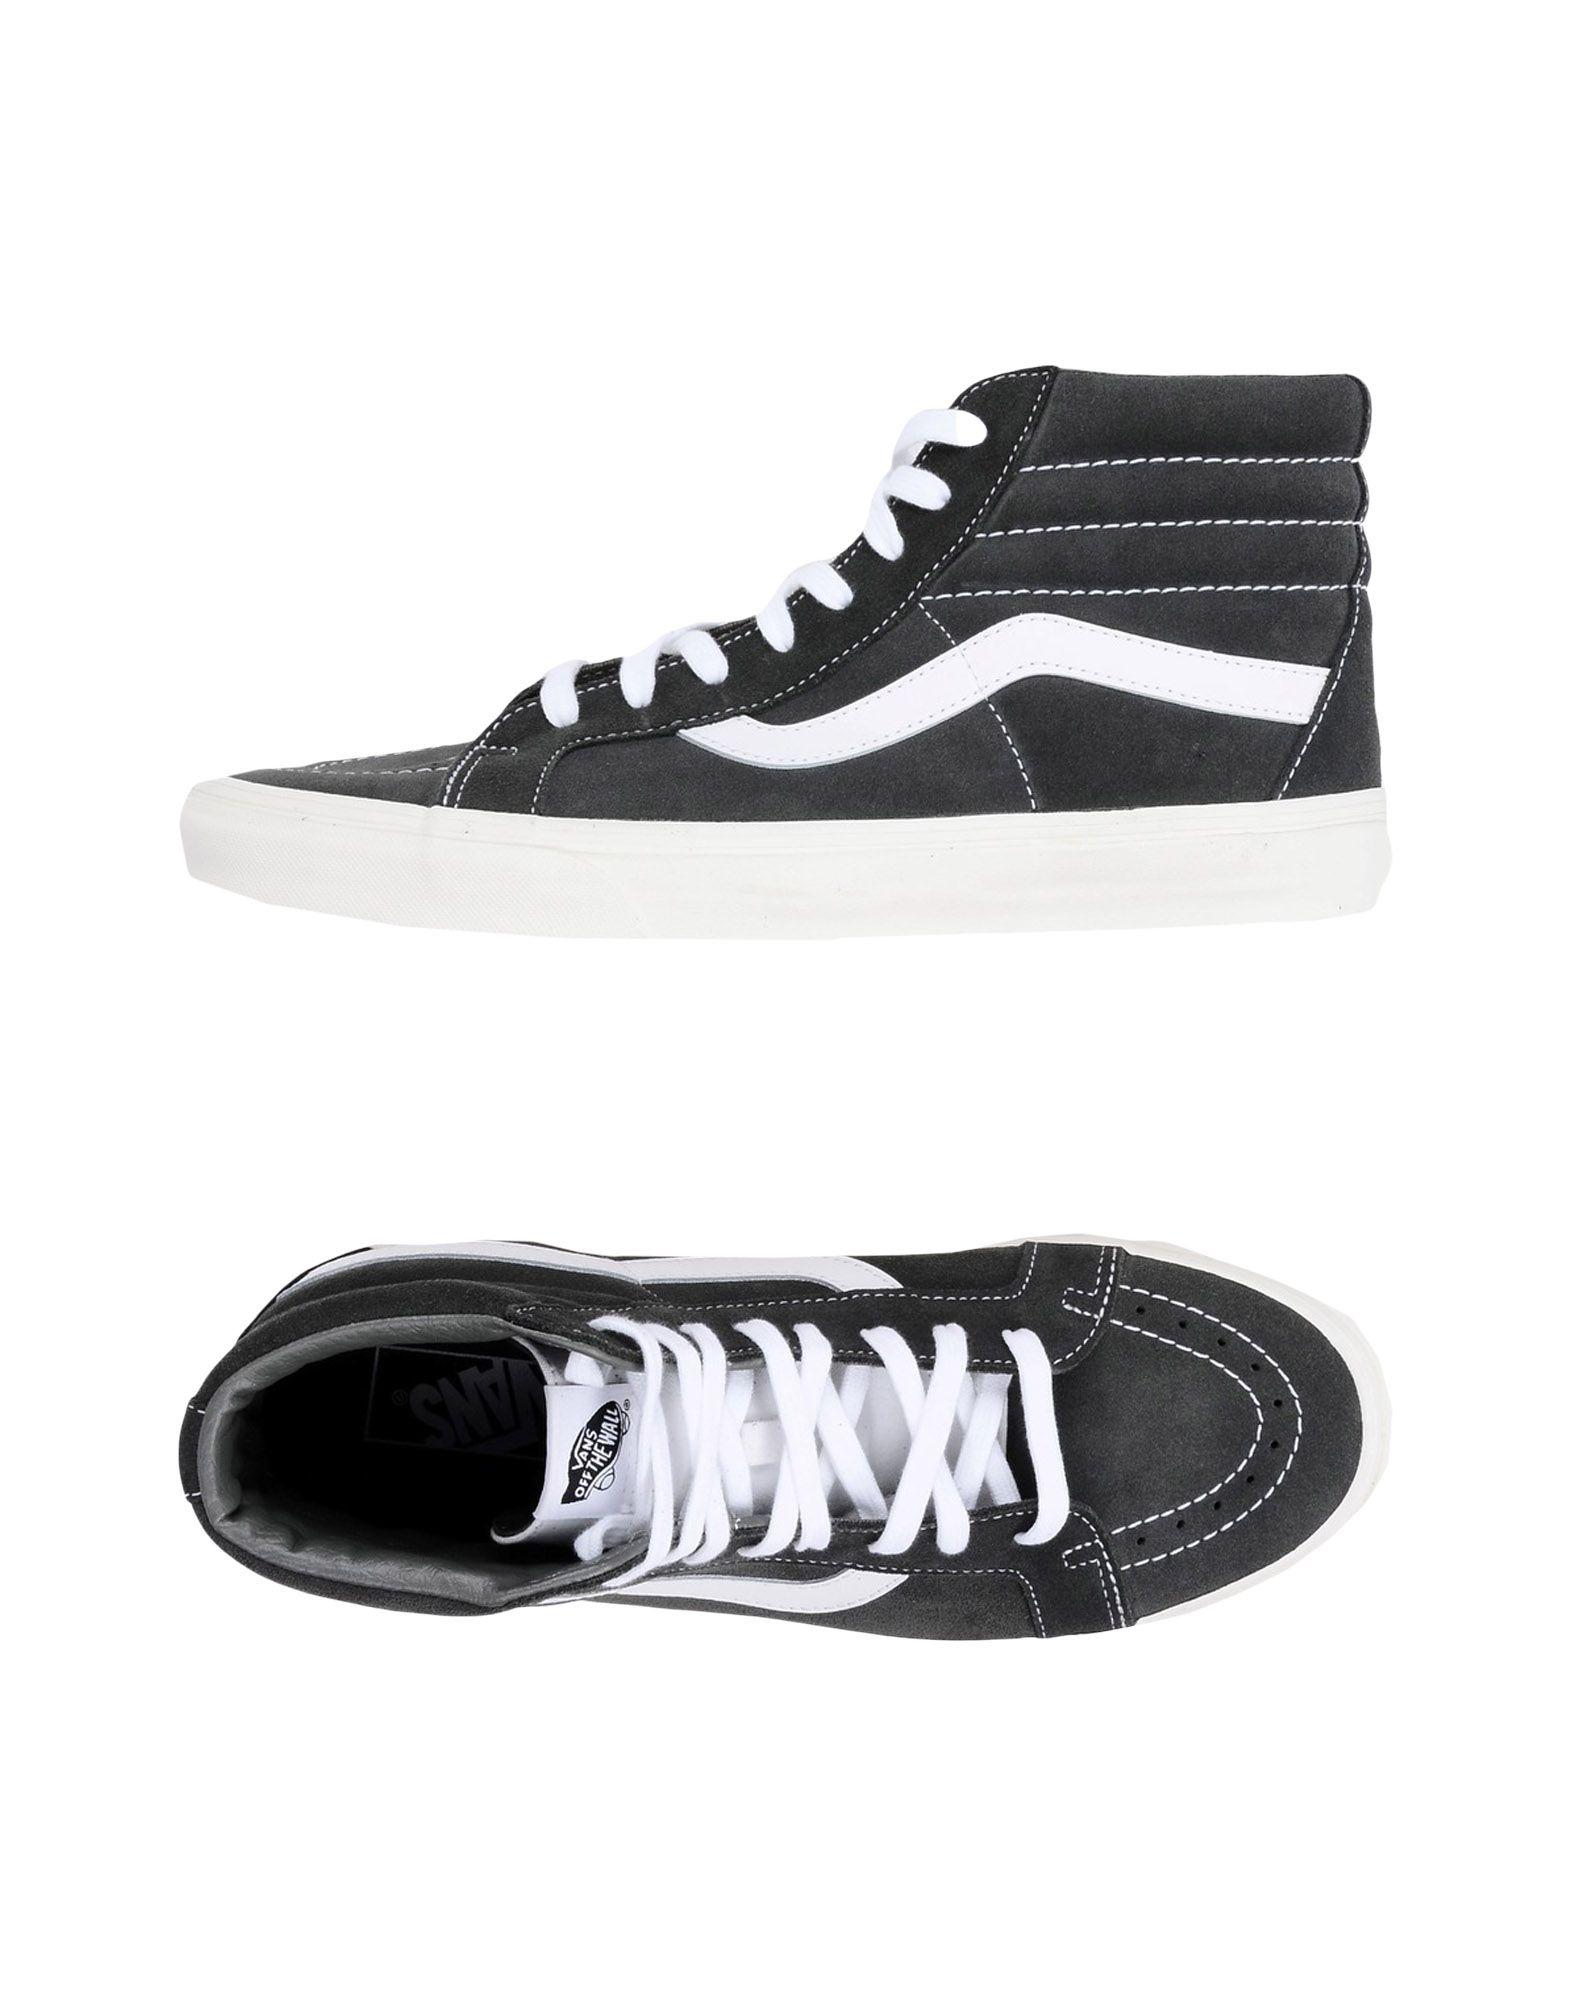 Sneakers Vans Ua Reissue Sk8-Hi Reissue Ua - Uomo - 11327476MM aa9293